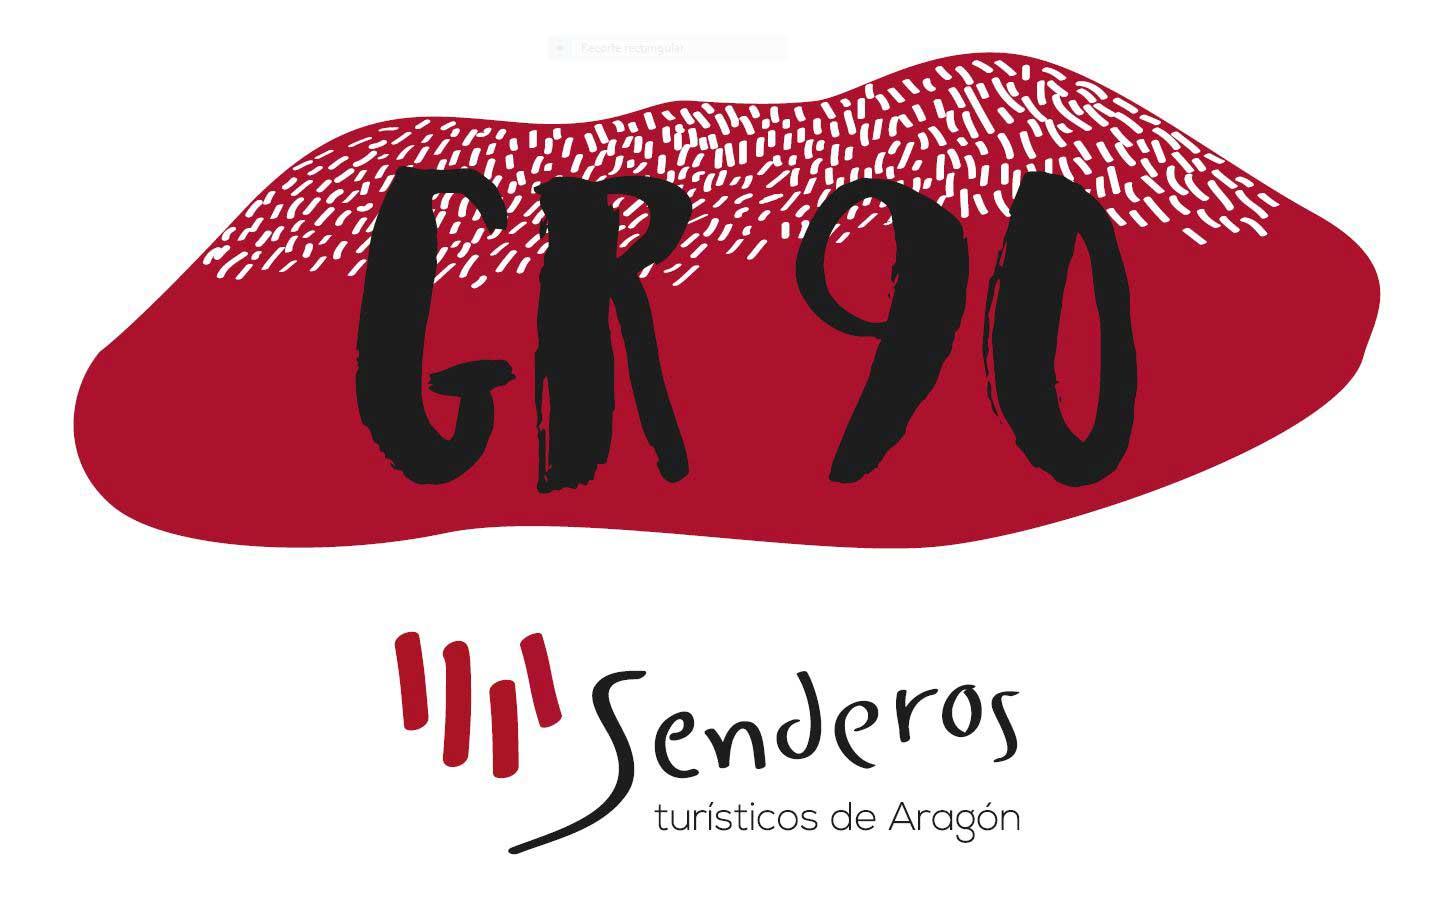 logo gr90